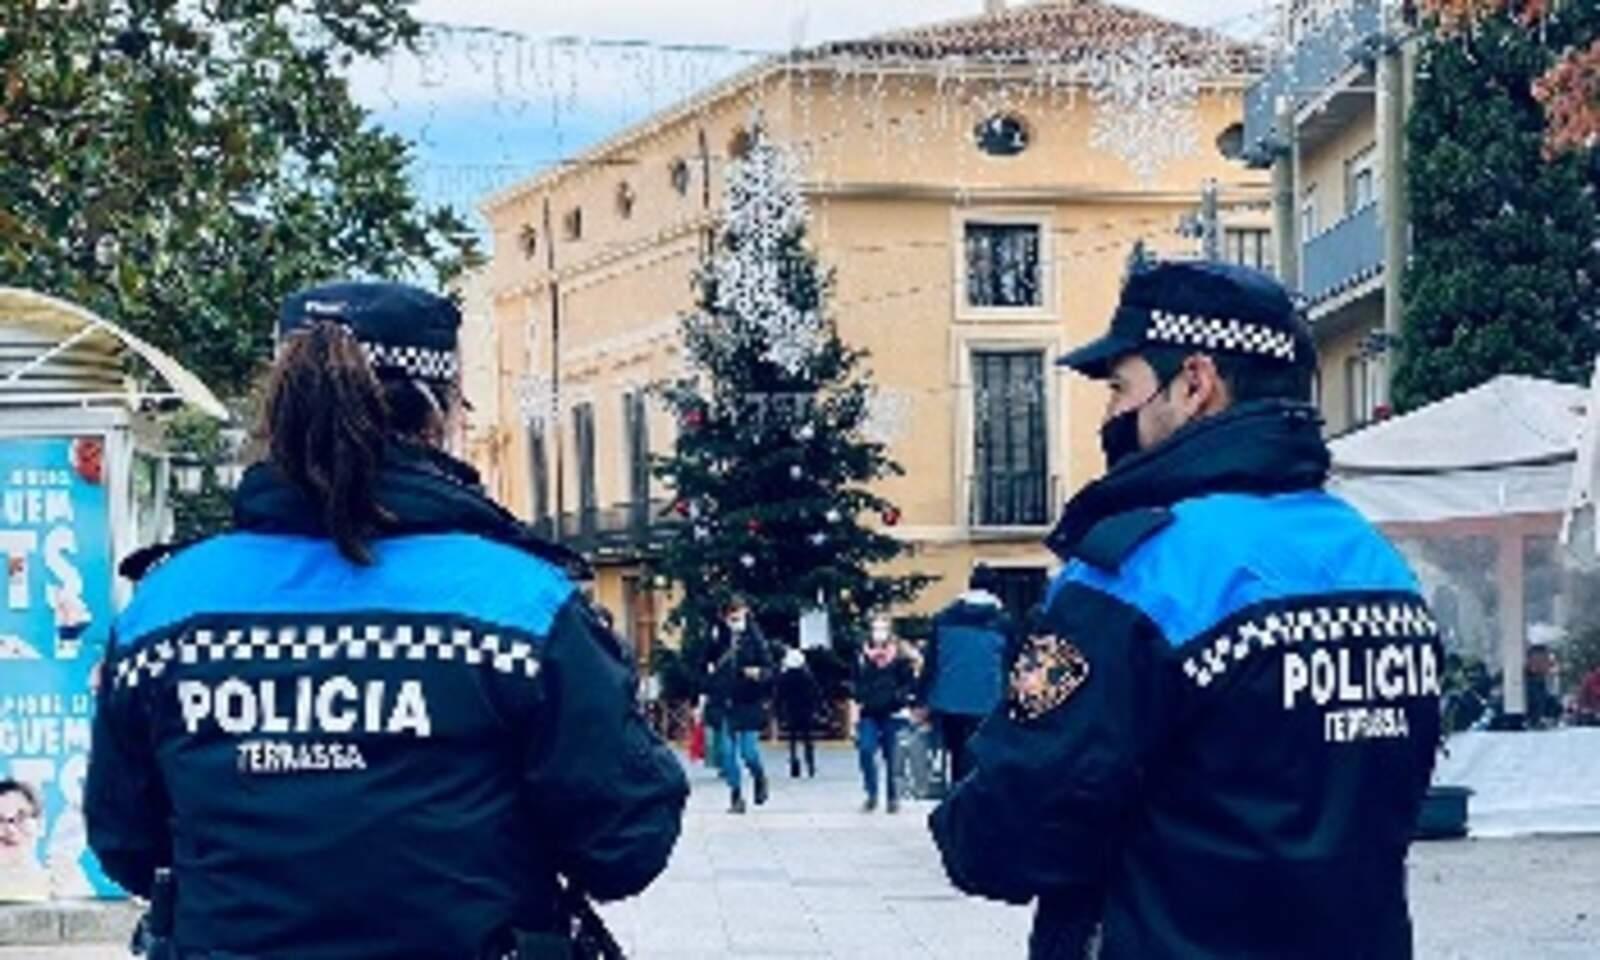 Dos agents de la Policia Municipal patrullant pel Raval